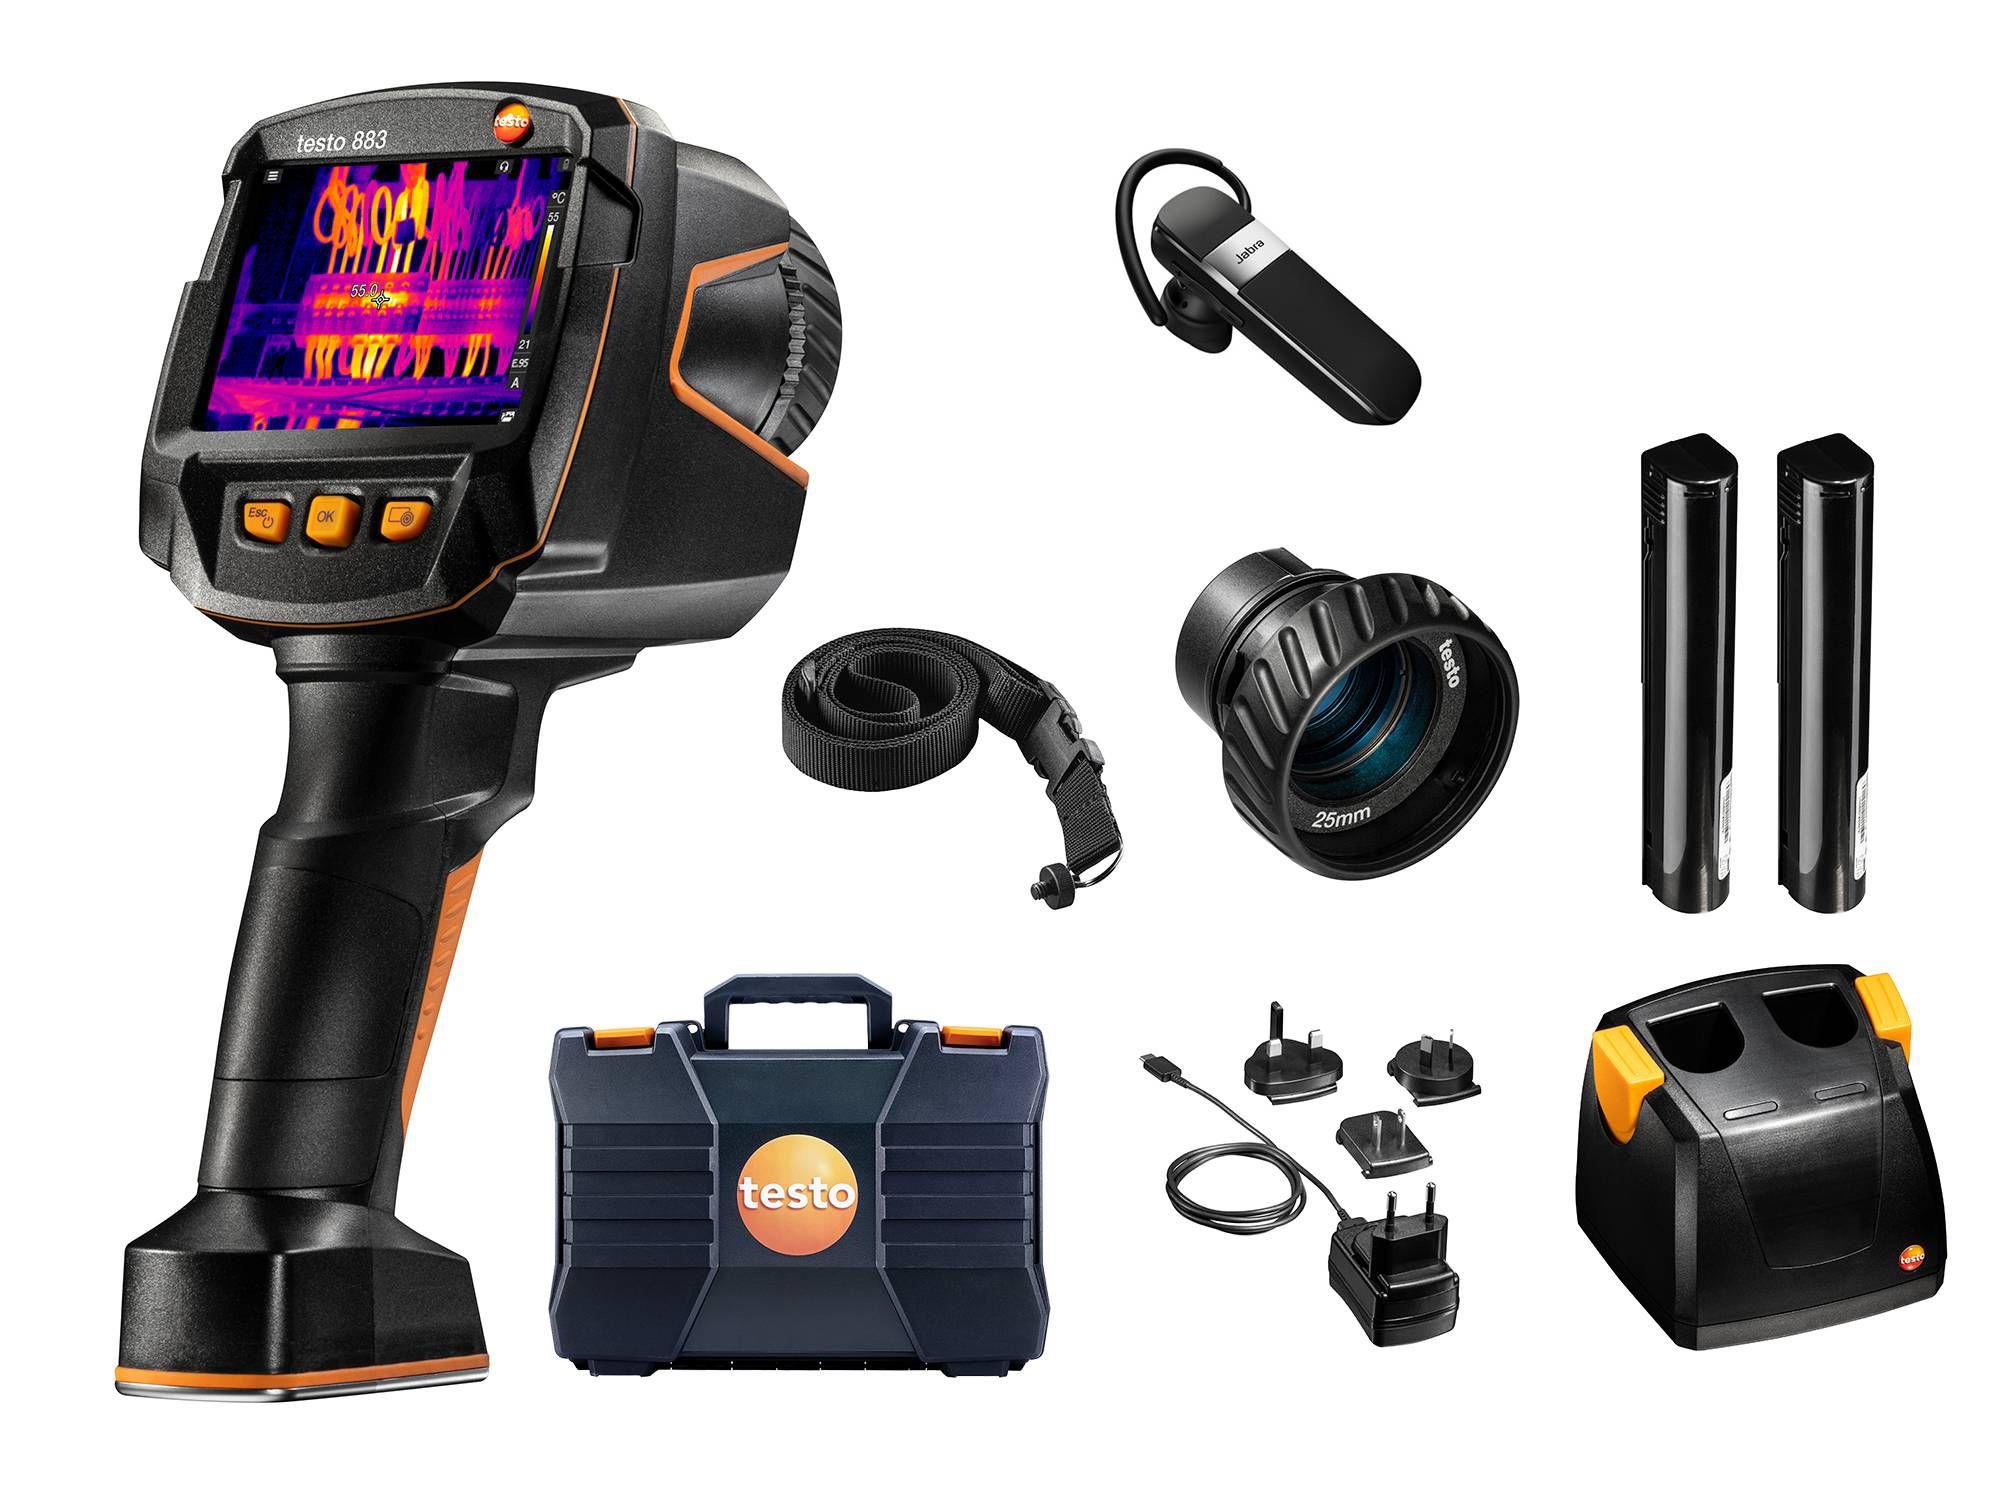 testo 883 kit thermal imager